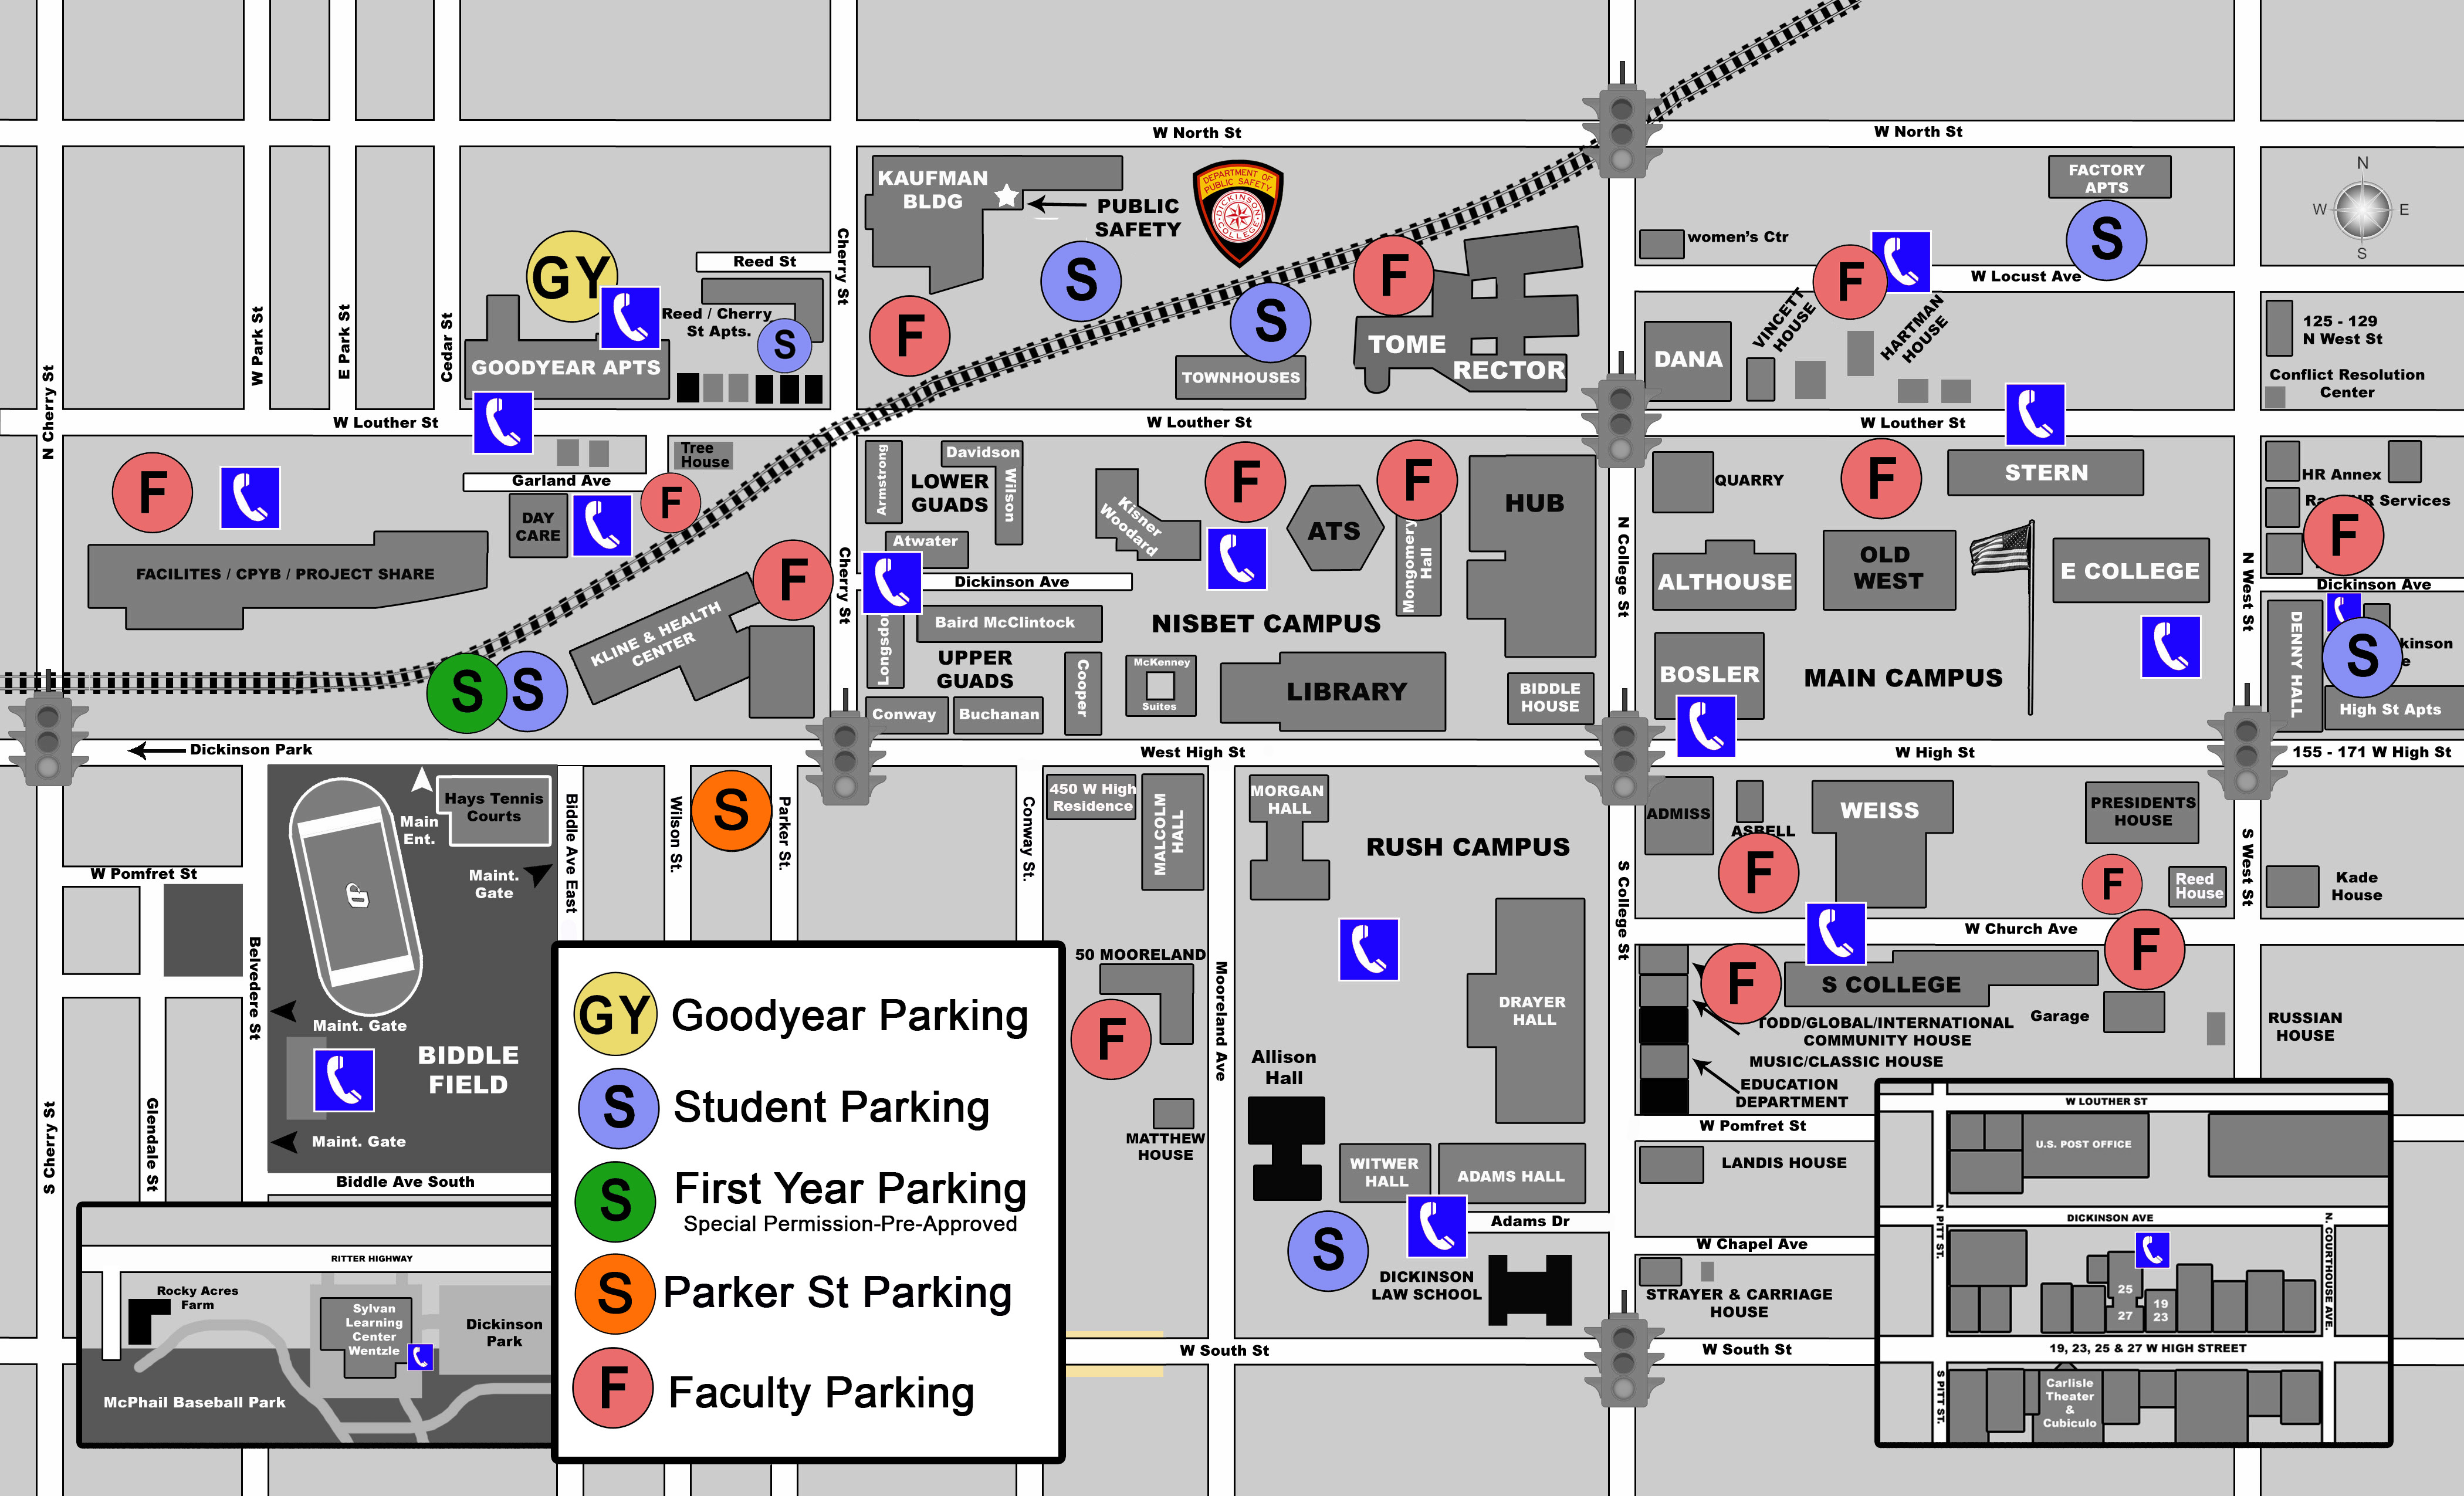 dickinson college campus map Campus Map Parking Lot Designations Parking Dickinson College dickinson college campus map